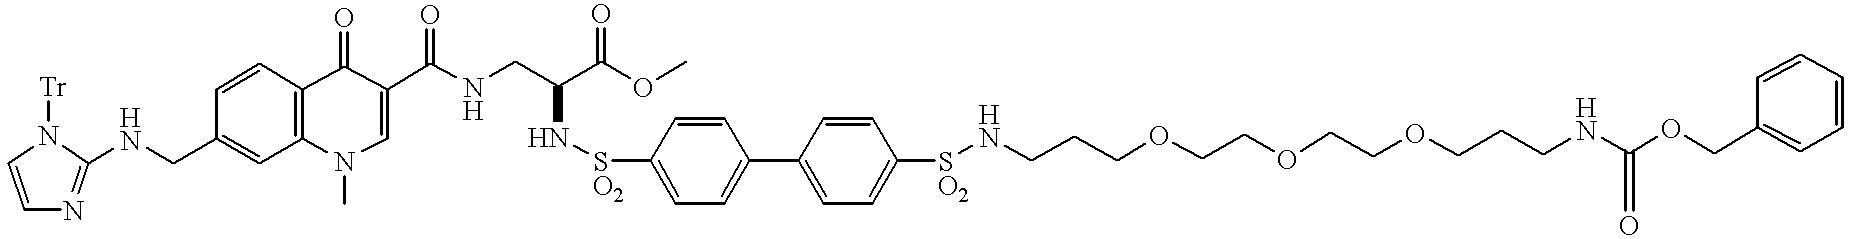 Figure US06683163-20040127-C00041